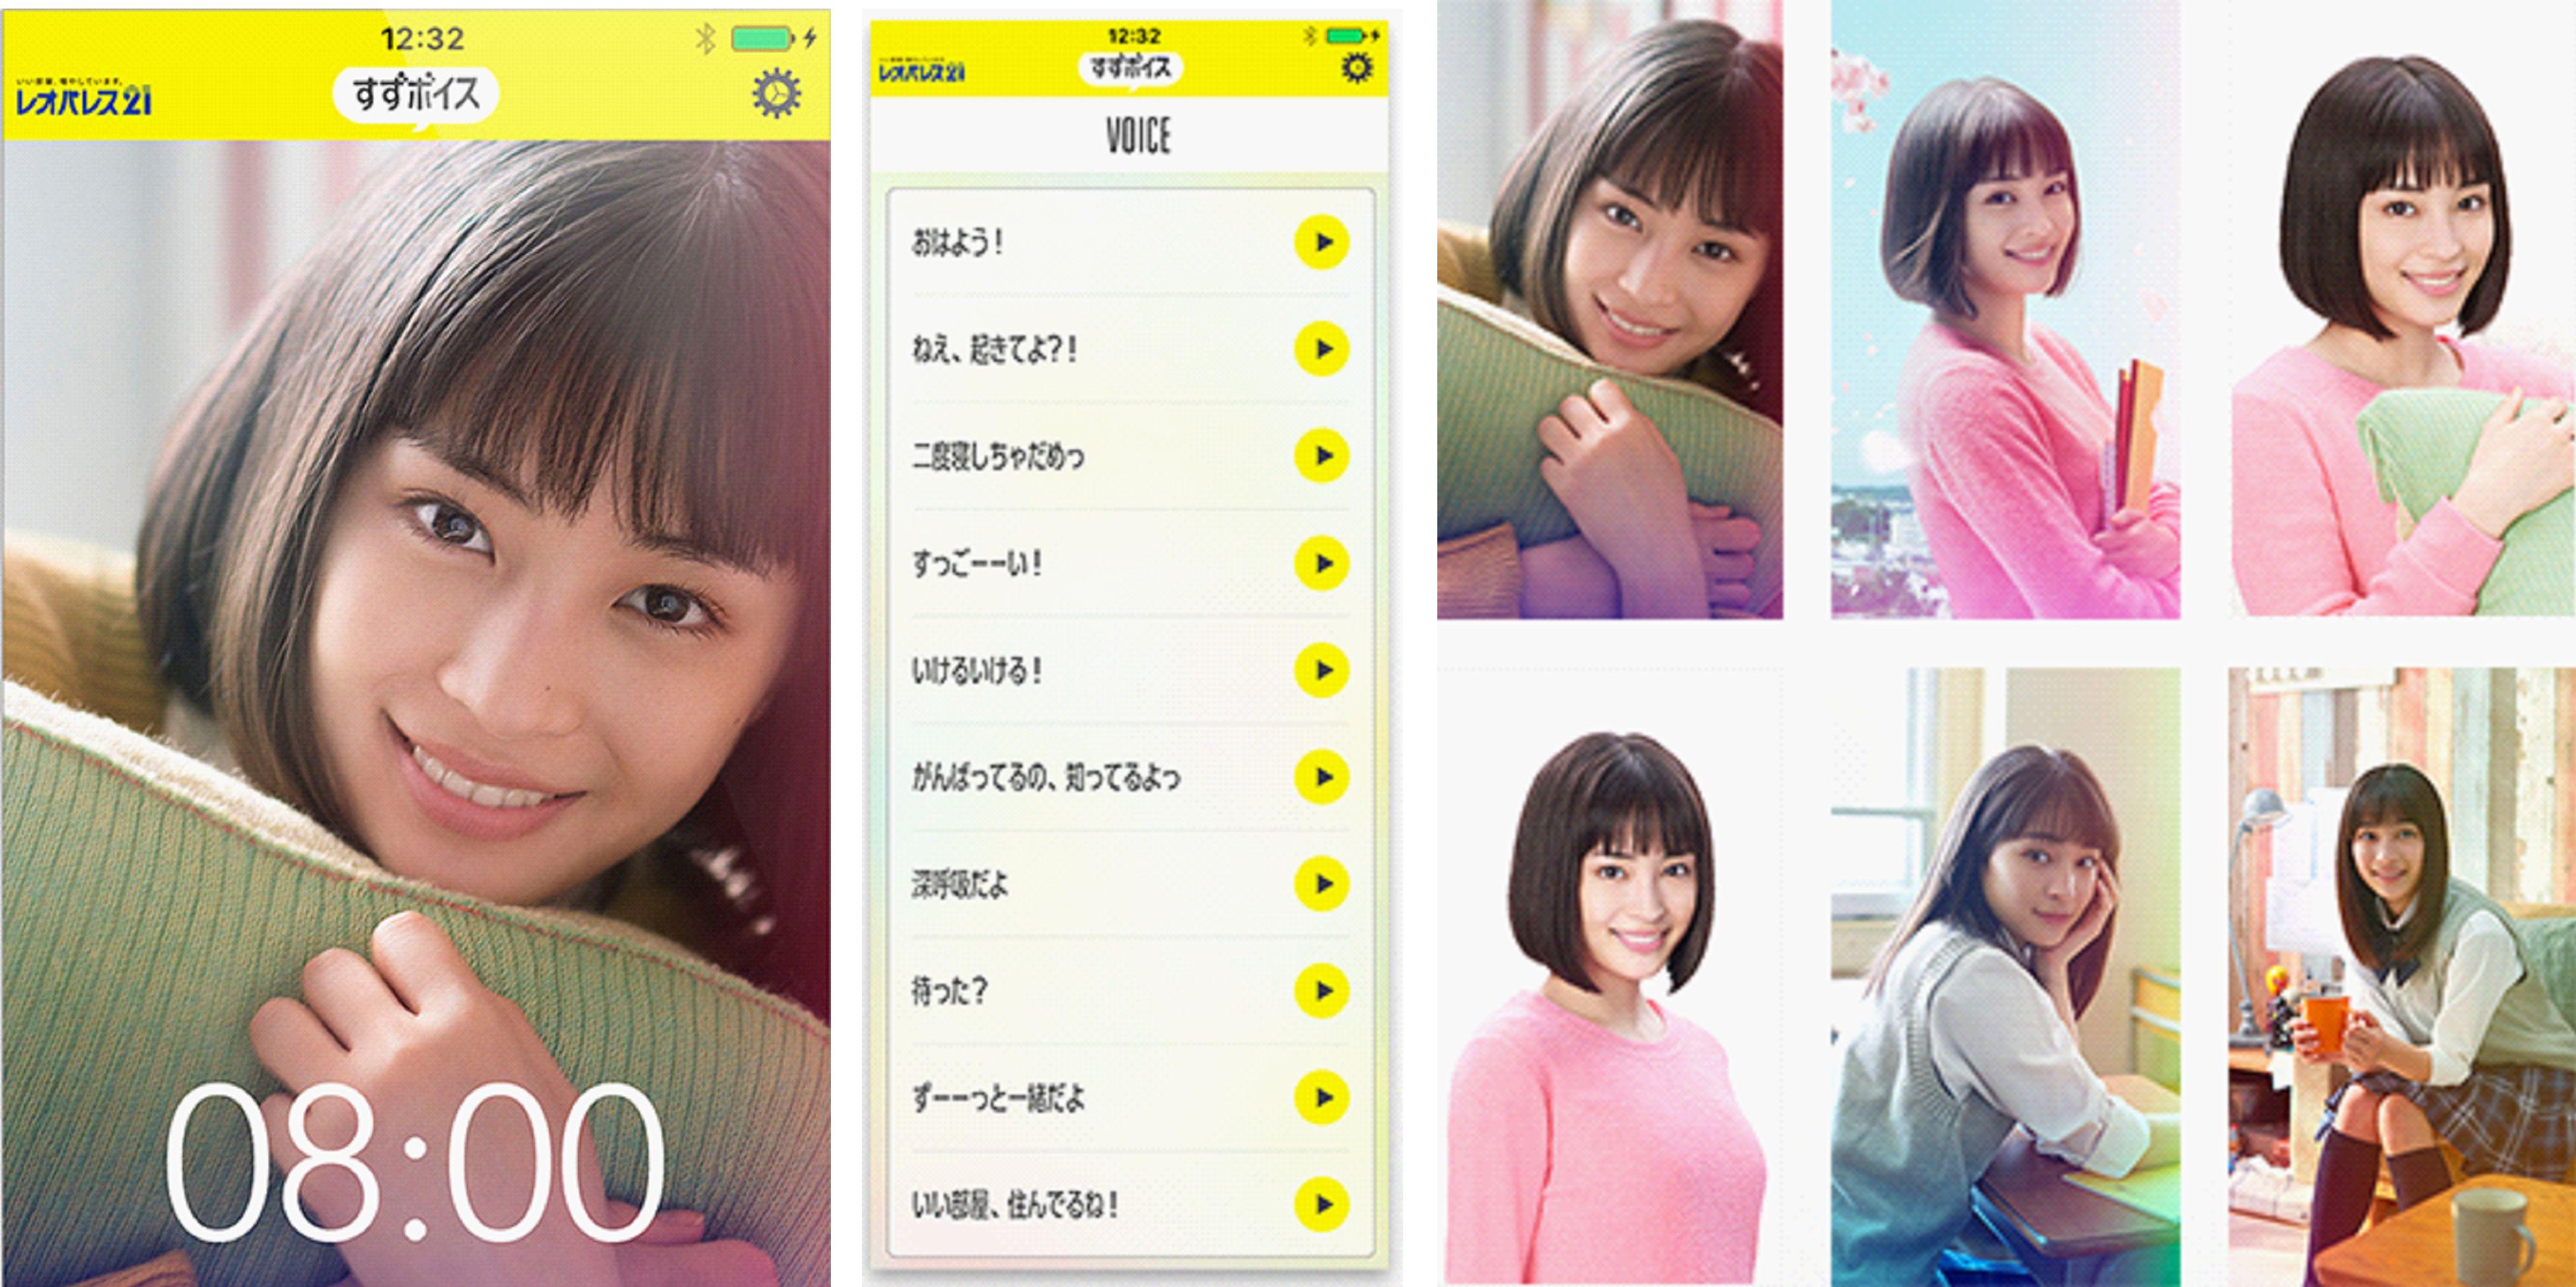 広瀬すずさんによる あの大好評アラームアプリを大幅リニューアル 10